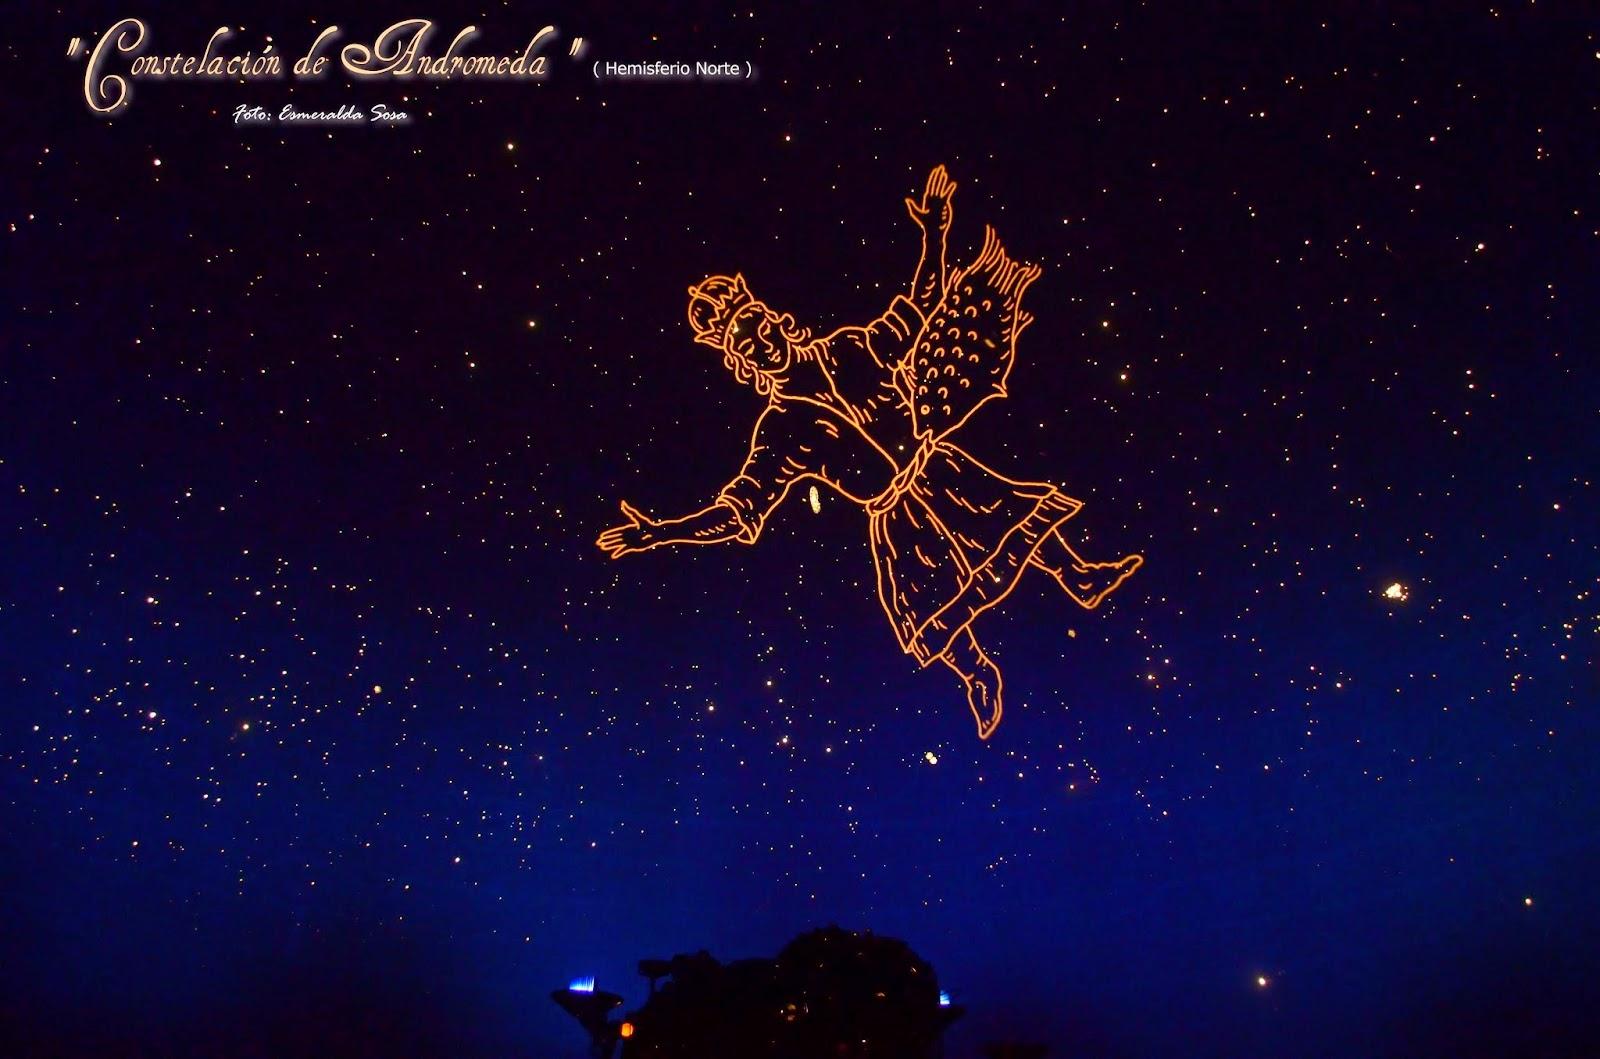 Andromina Significado esplaobs: importantes constelaciones del hemisferio norte y